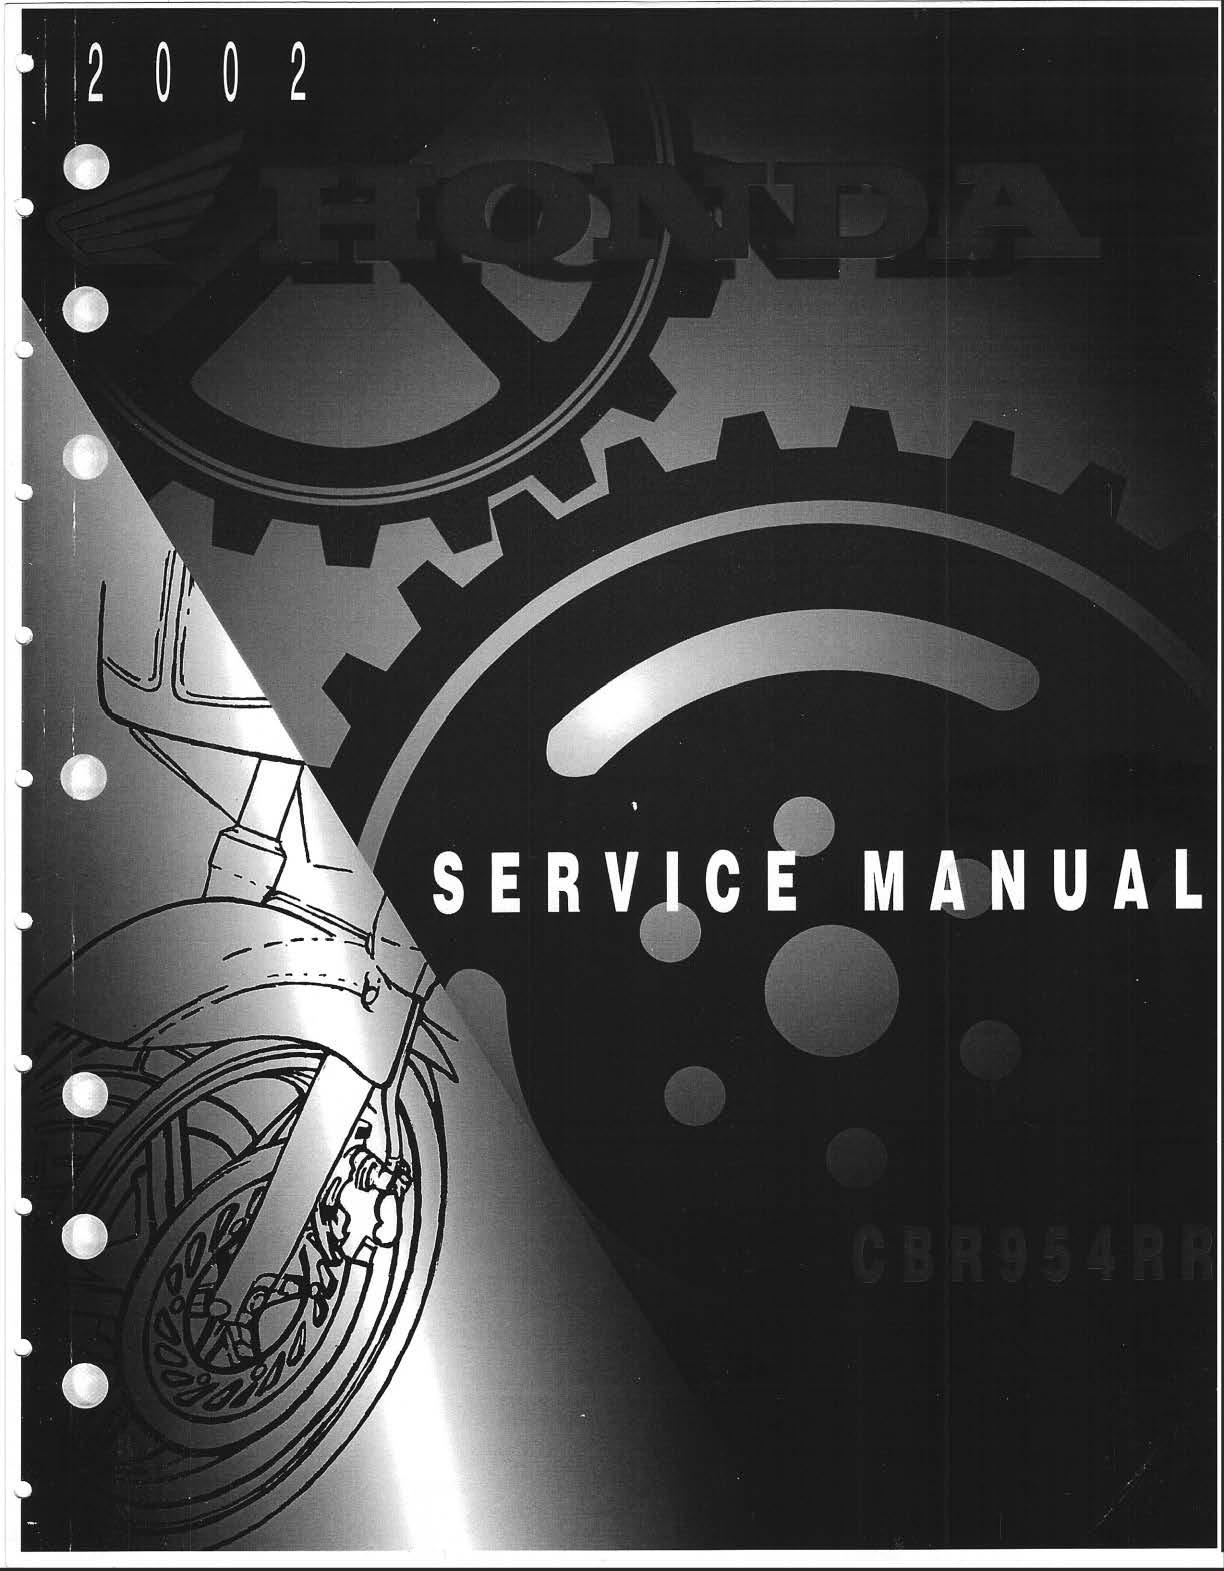 Workshop manual for Honda CBR954RR (2002)